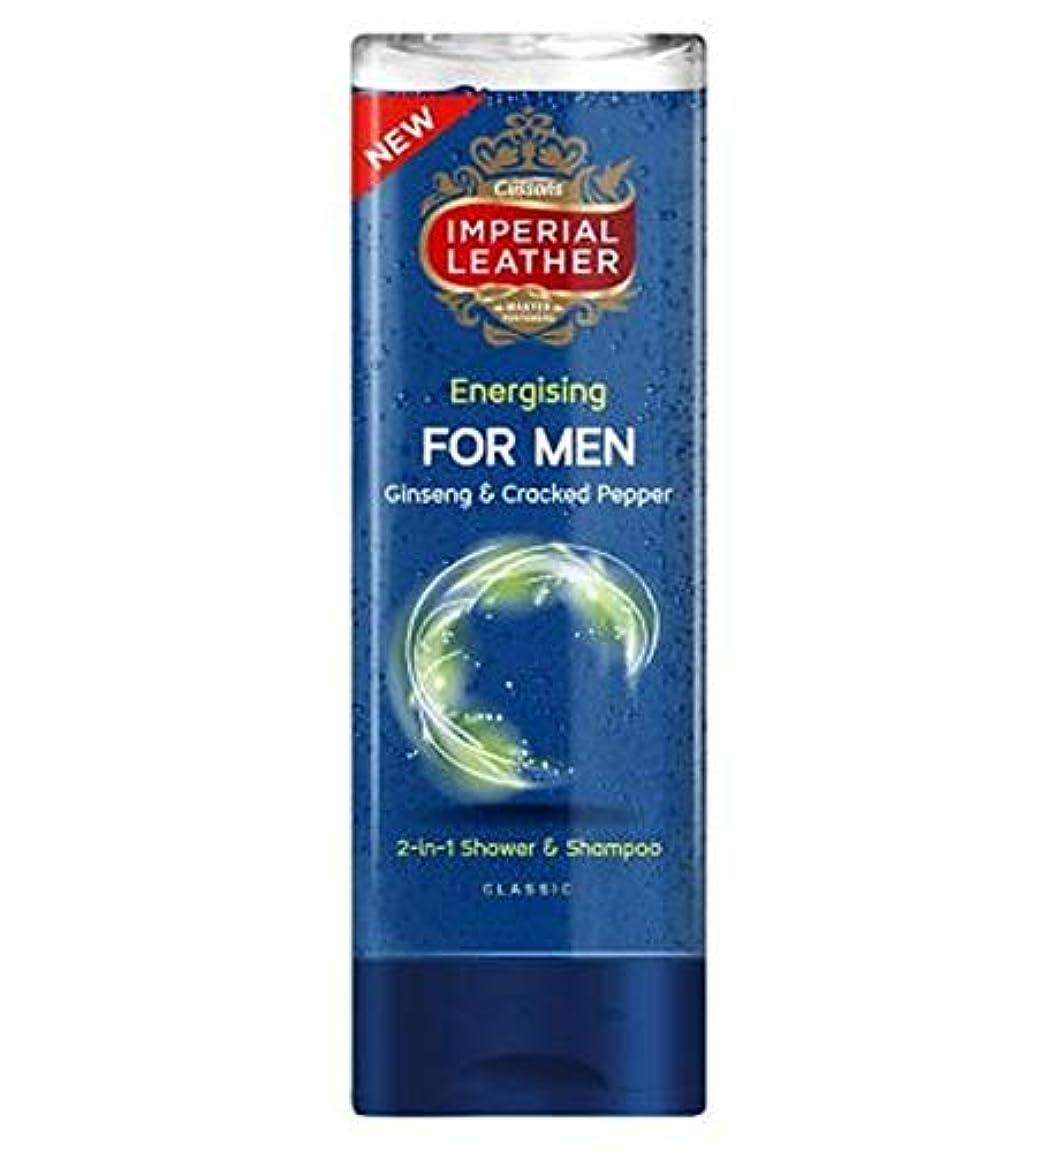 慣習コールド巻き戻す[Imperial Leather] 男性用シャワー250ミリリットルのための帝国革 - Imperial Leather For Men Shower 250ml [並行輸入品]